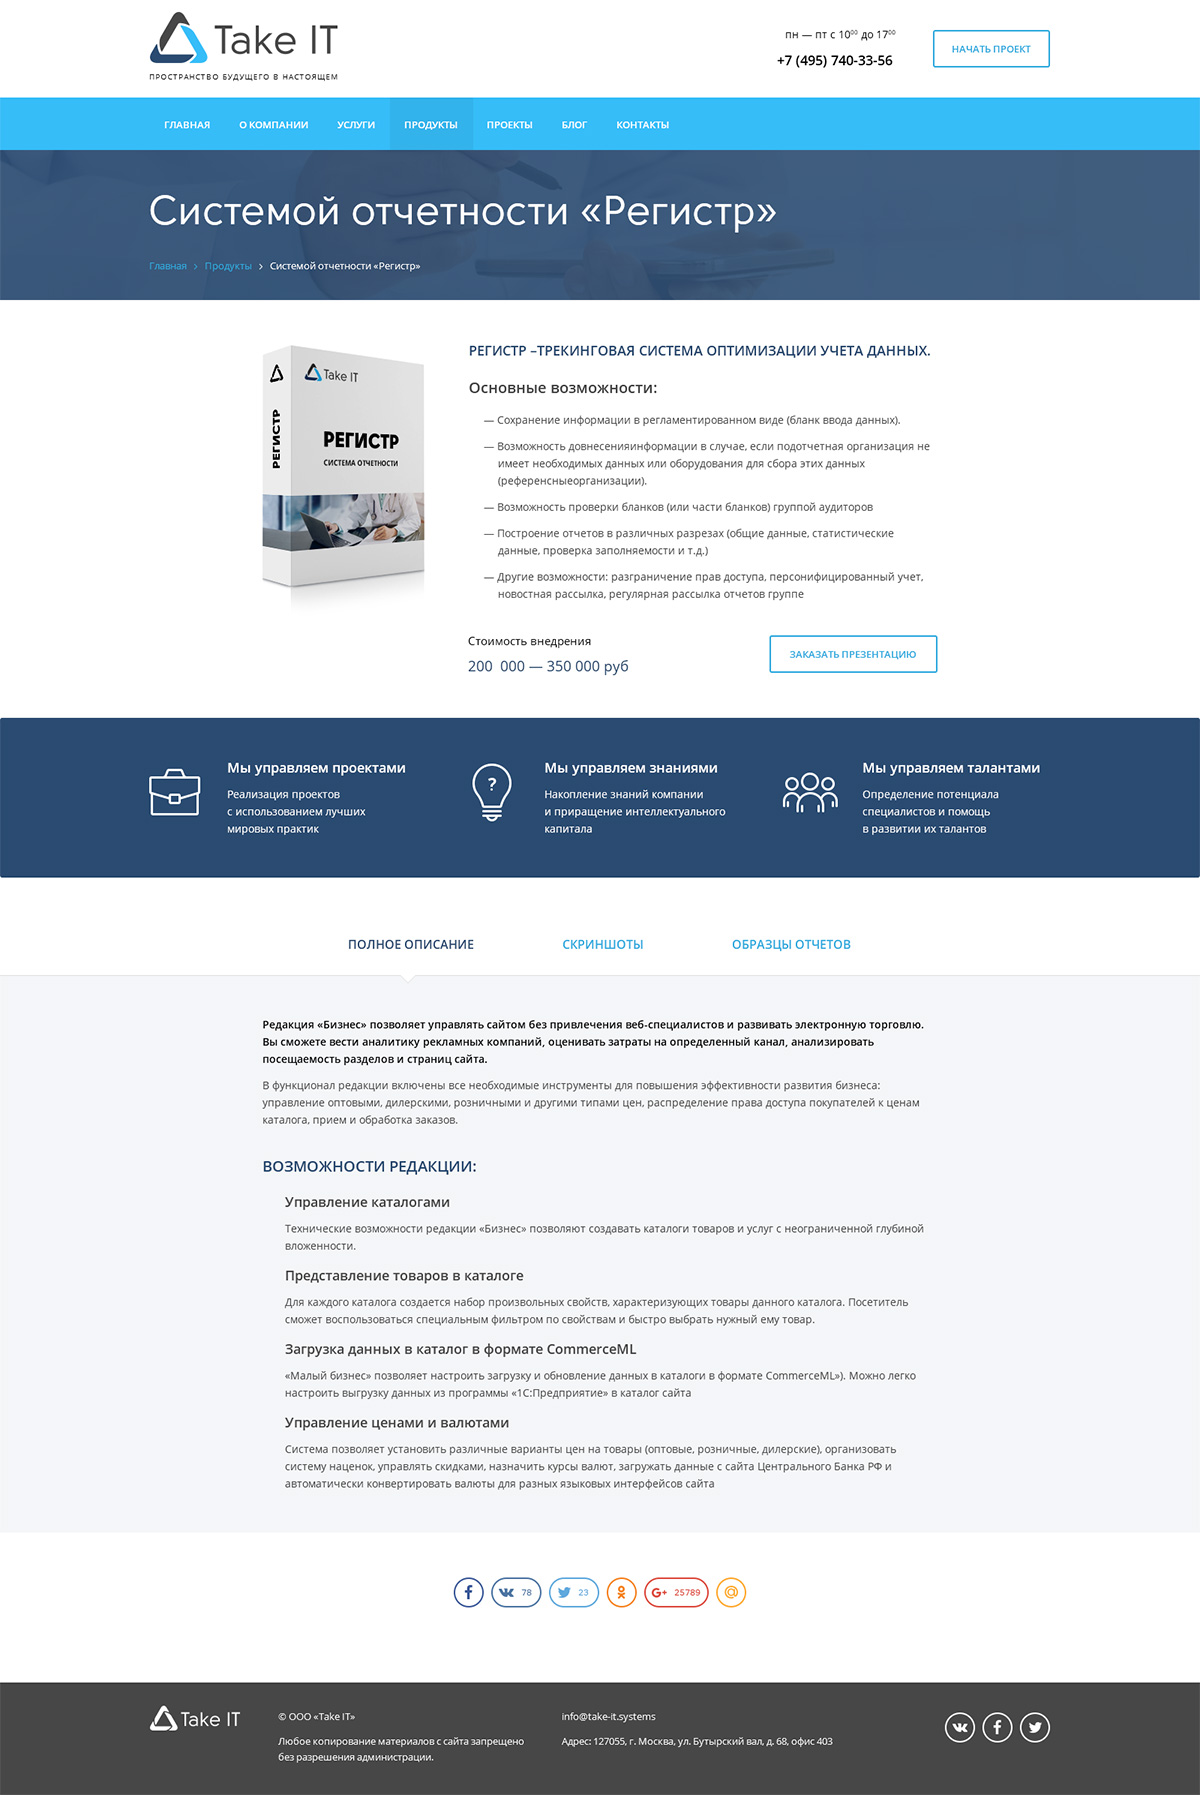 Как проверить рекламную компанию сайта компания дон воронеж официальный сайт